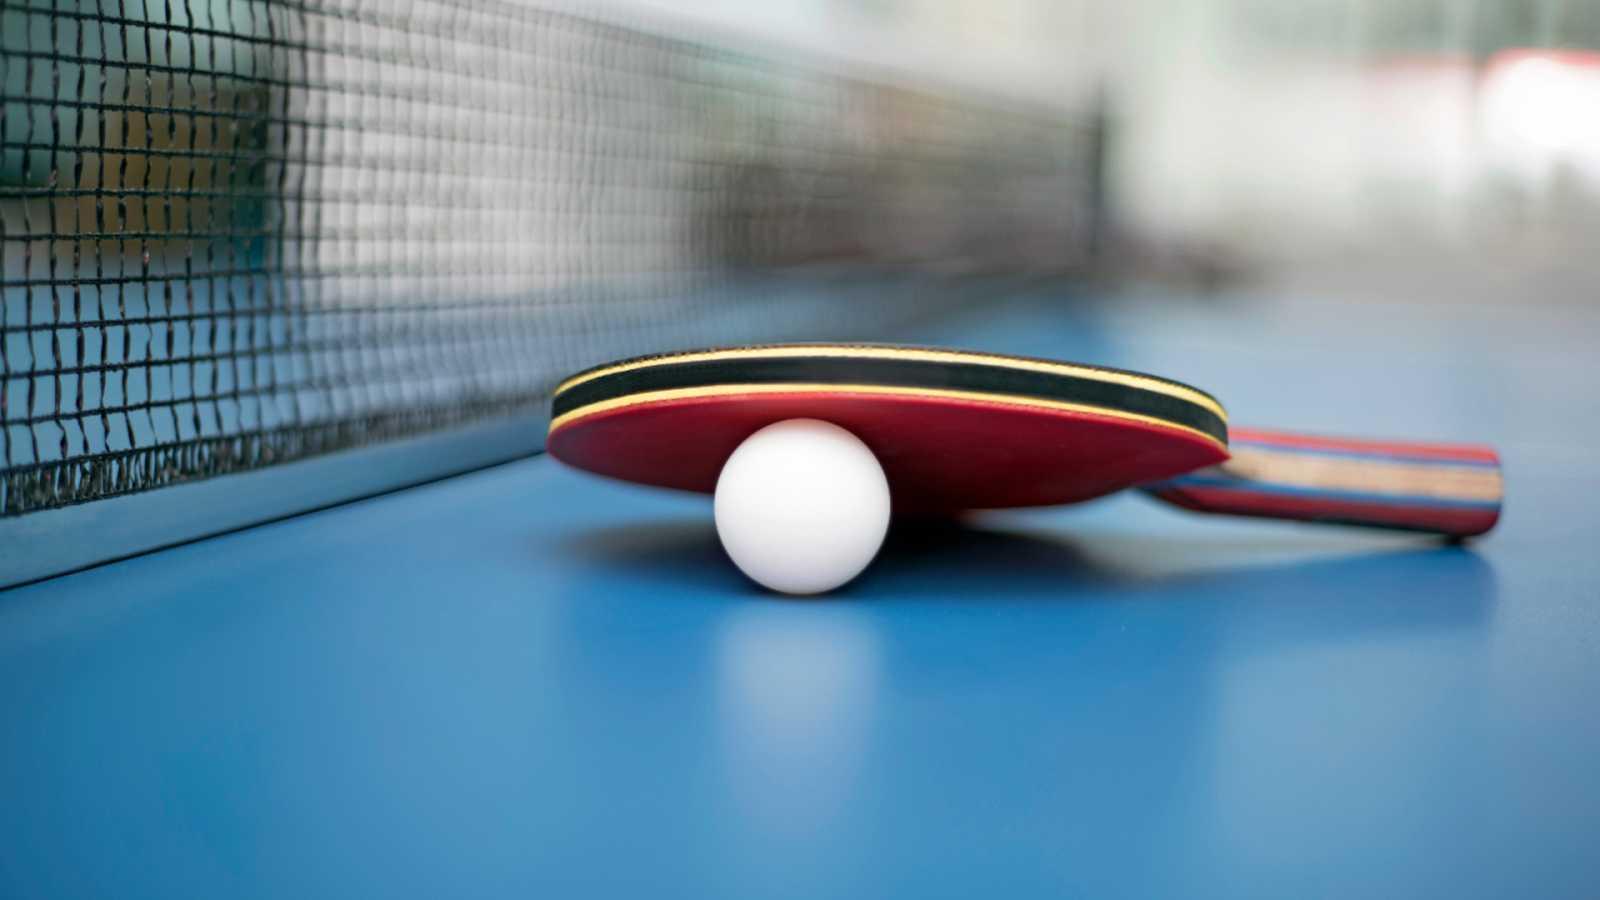 Cinco continentes - La «diplomacia del ping-pong» - Escuchar ahora